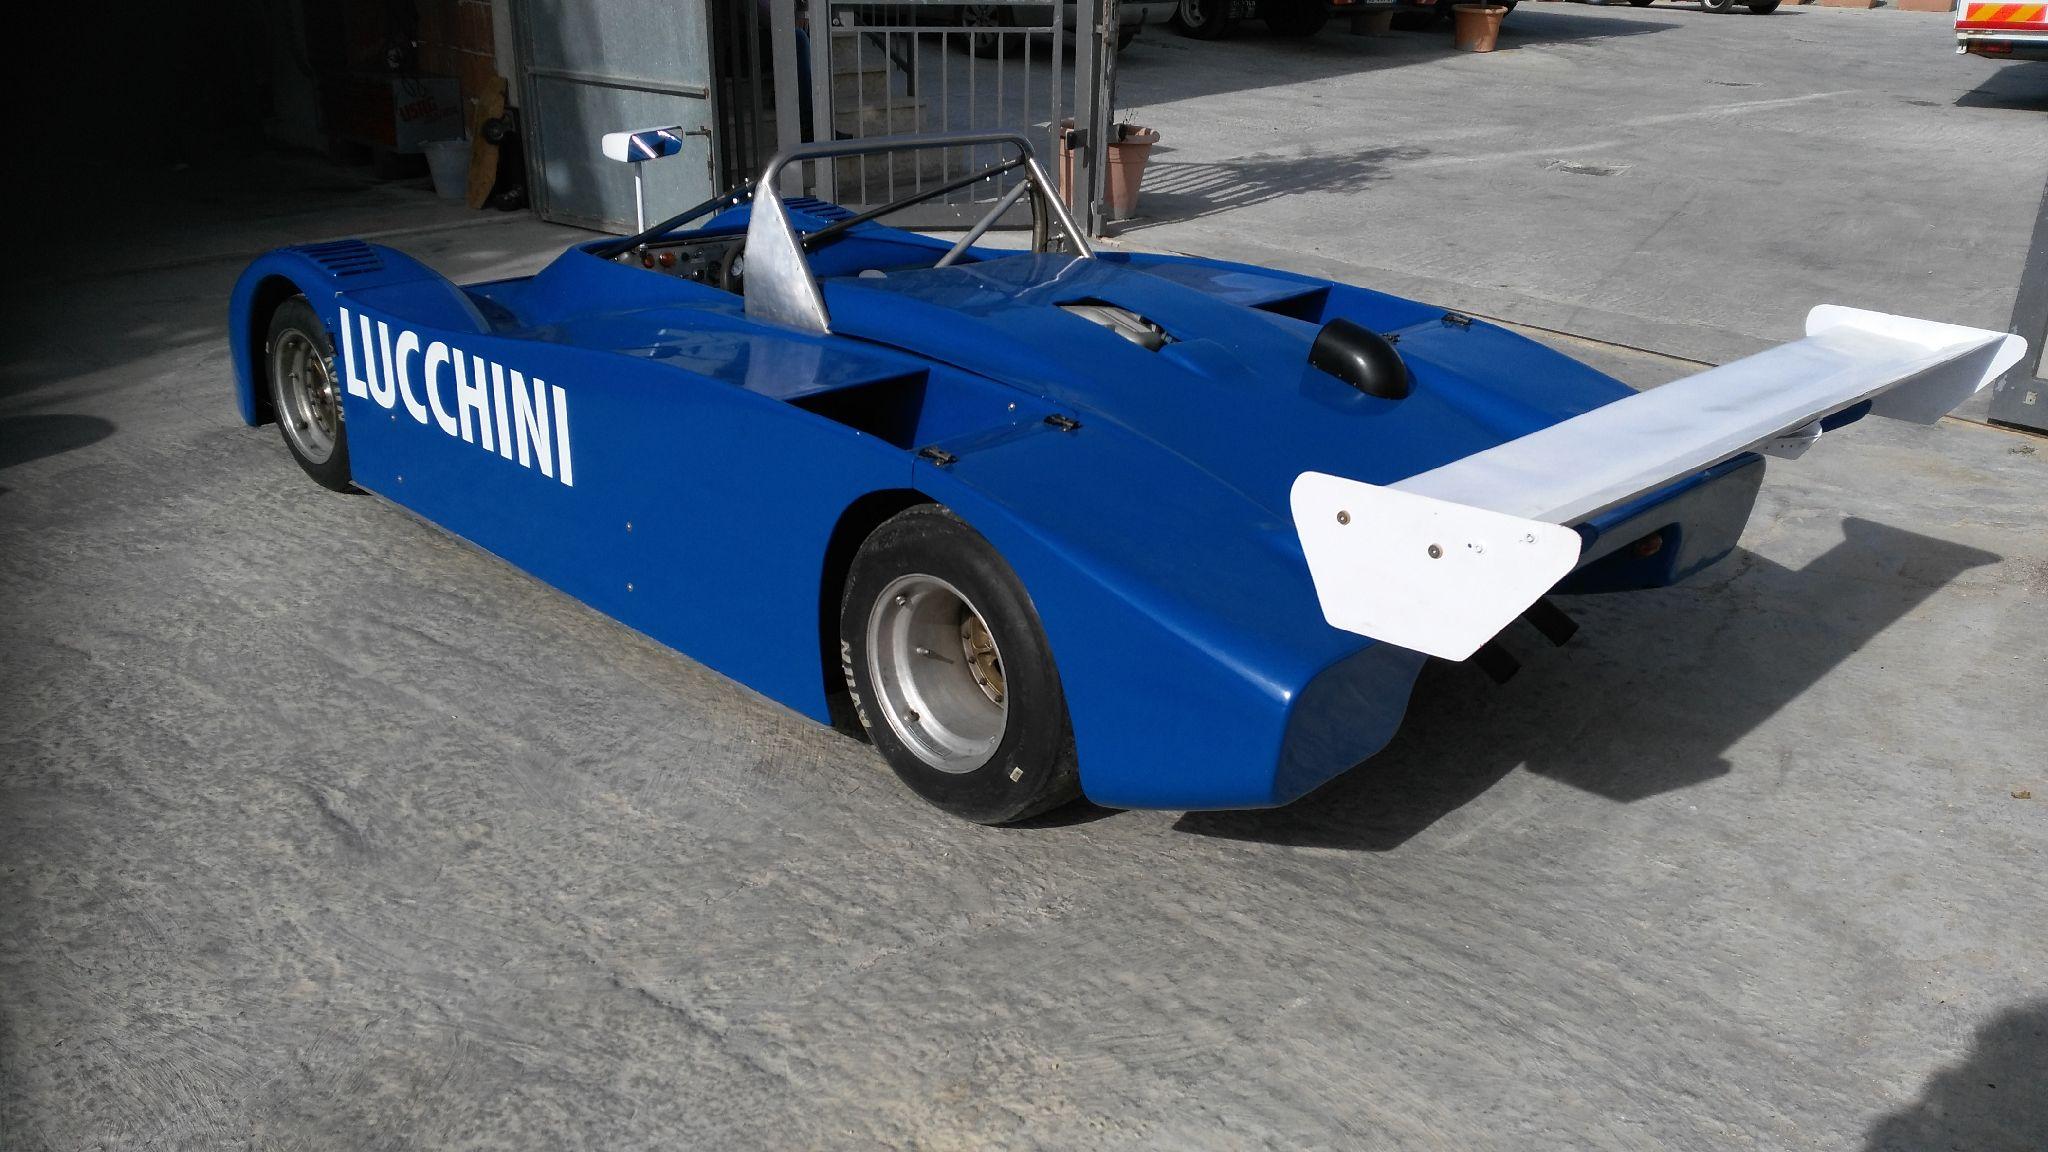 LUCCHINI S282 Alfa Romeo 2.5 V6